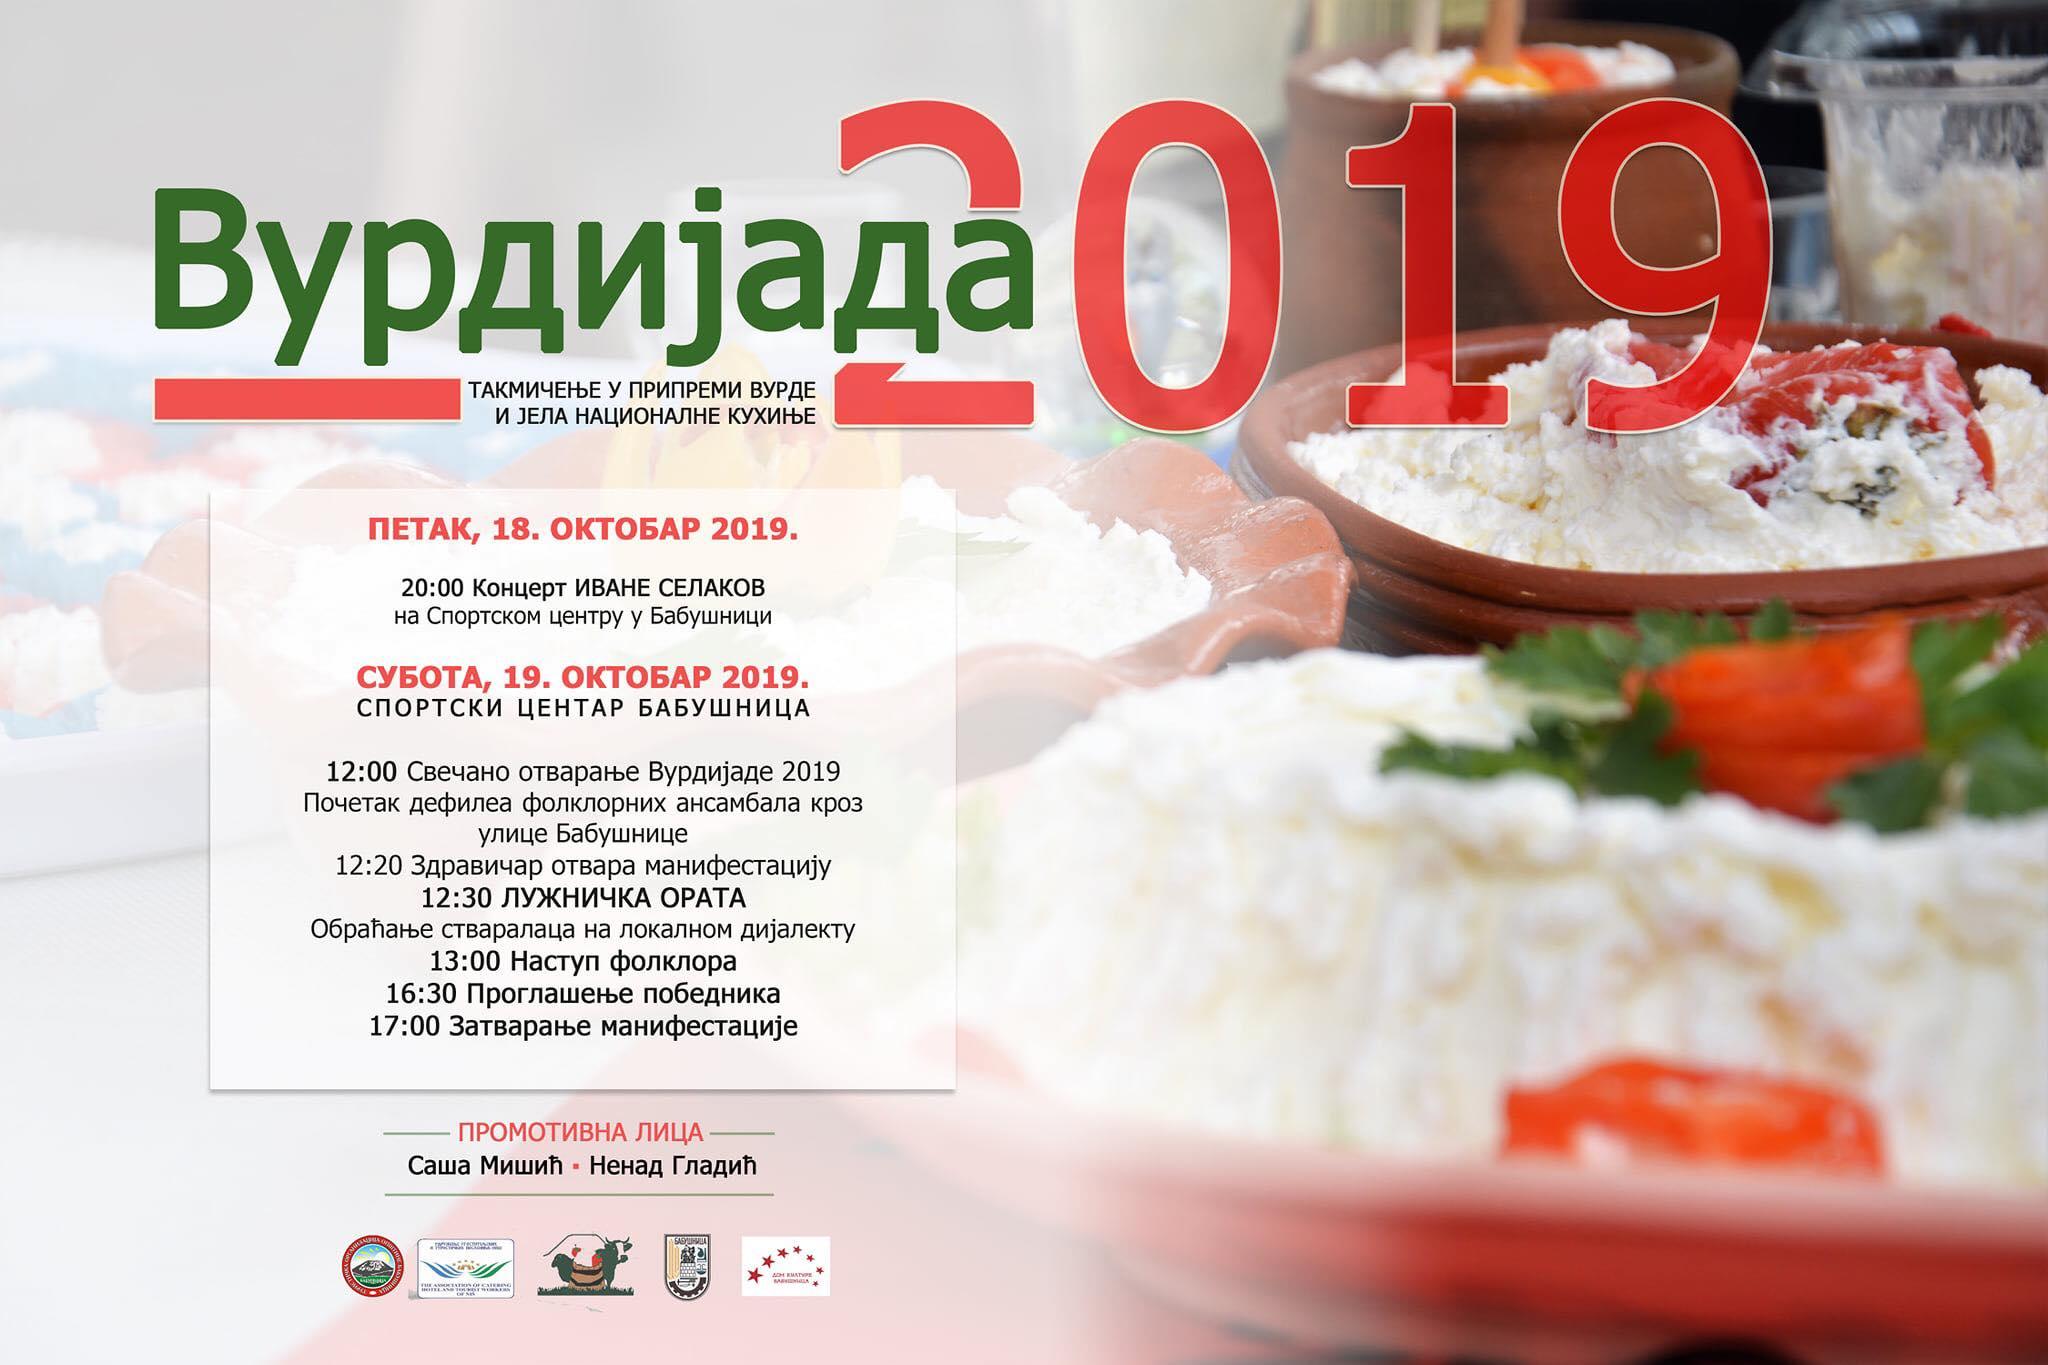 Photo of Vurdijada u Babušnici – rekordnih 180 izlagača najvećeg lužničkog specijaliteta. Prvo mesto u kategoriji nacionalne kuhinje za Izvorsko zrno